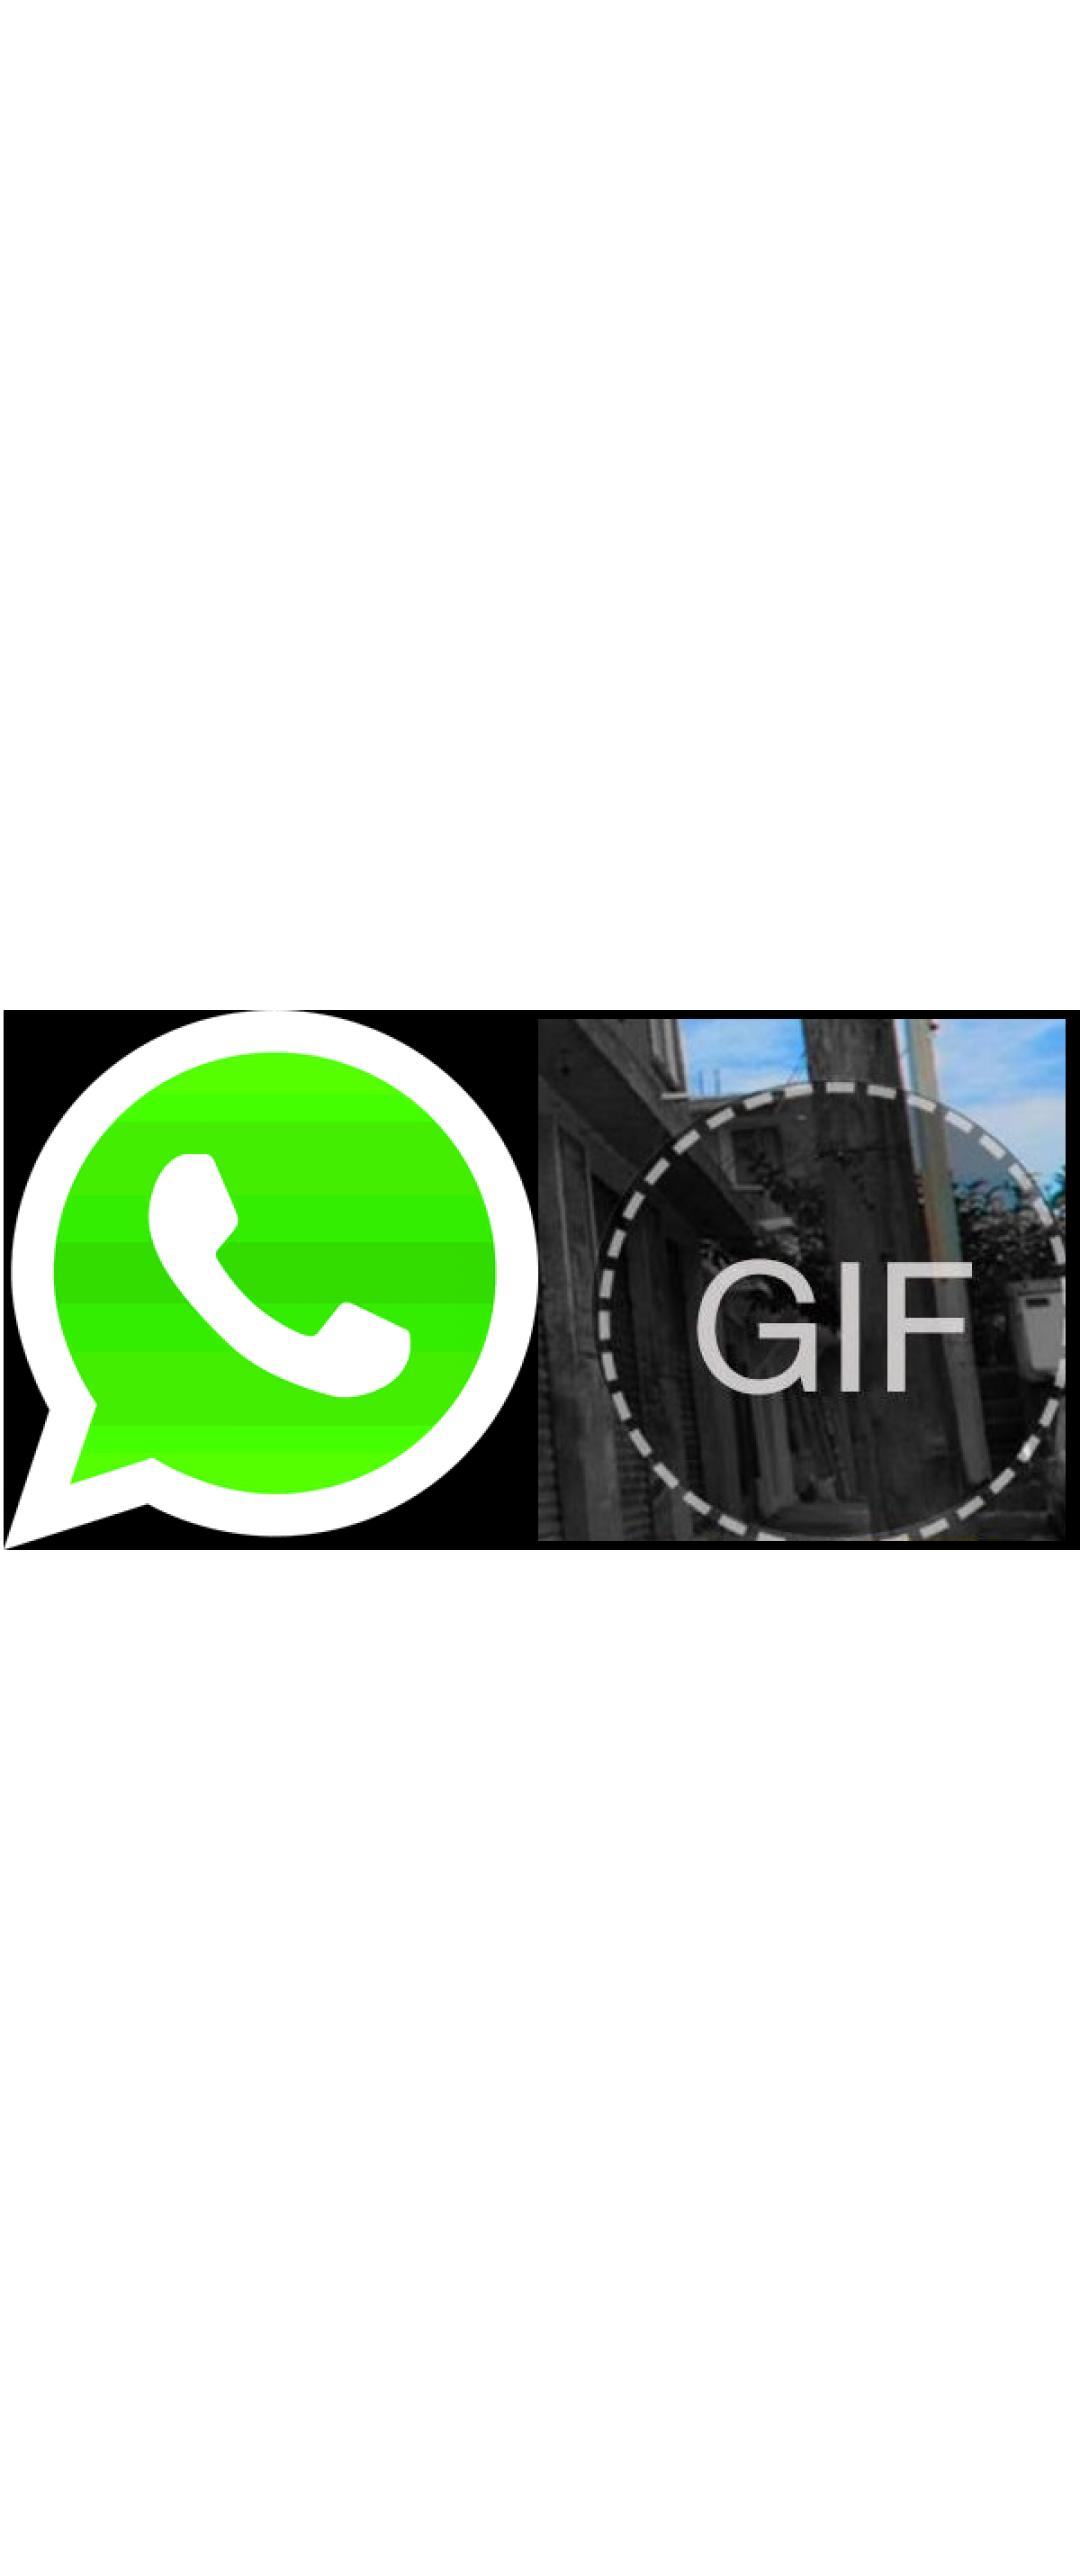 WhatsApp por fin soportar� animaciones GIF